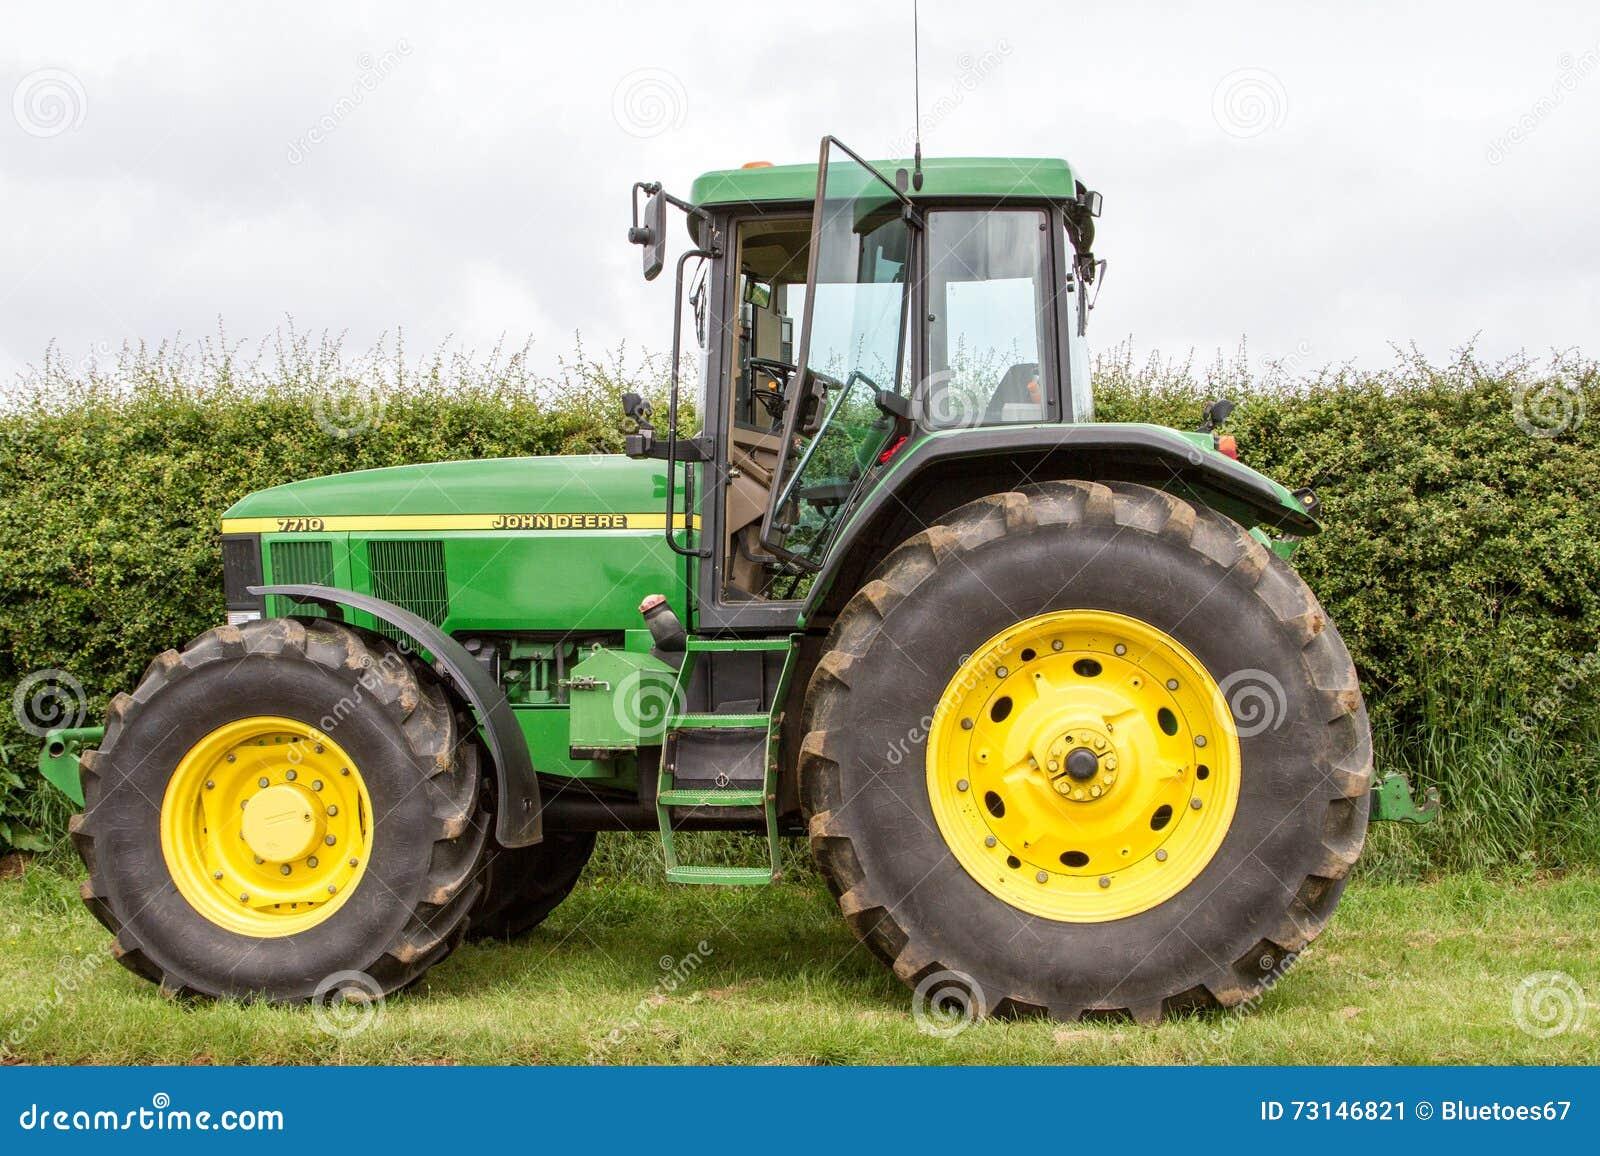 4 Door Tractor : A modern green john deere tractor editorial photo